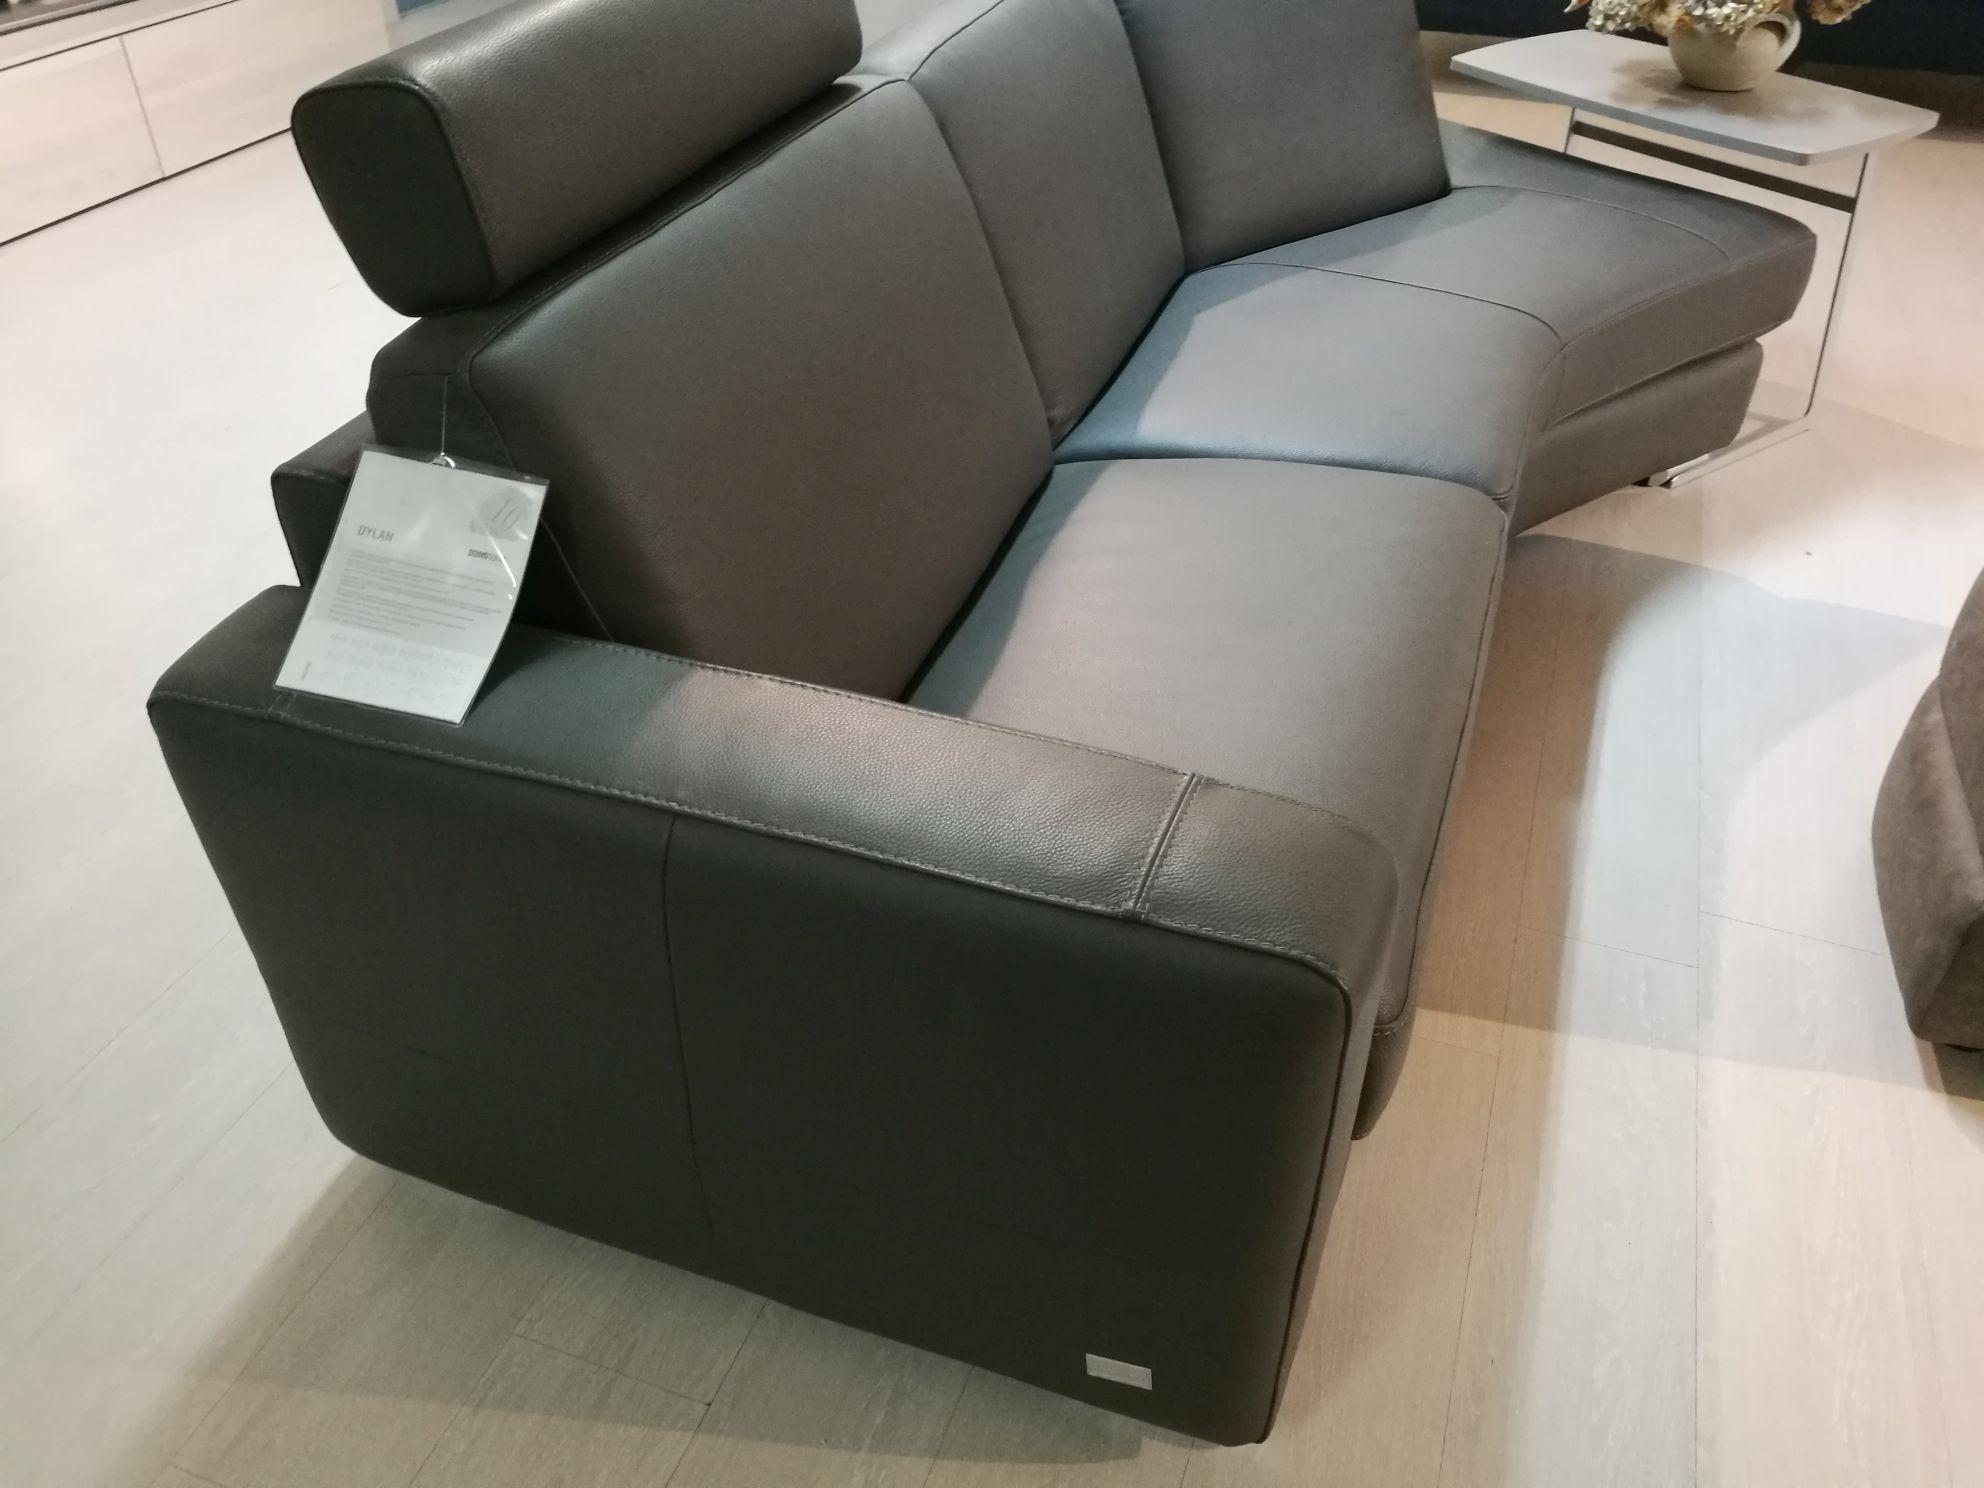 Divano doimo sofas dylan con penisola e pouf scontato del 66 divani a prezzi scontati - Doimo sofas prezzi ...